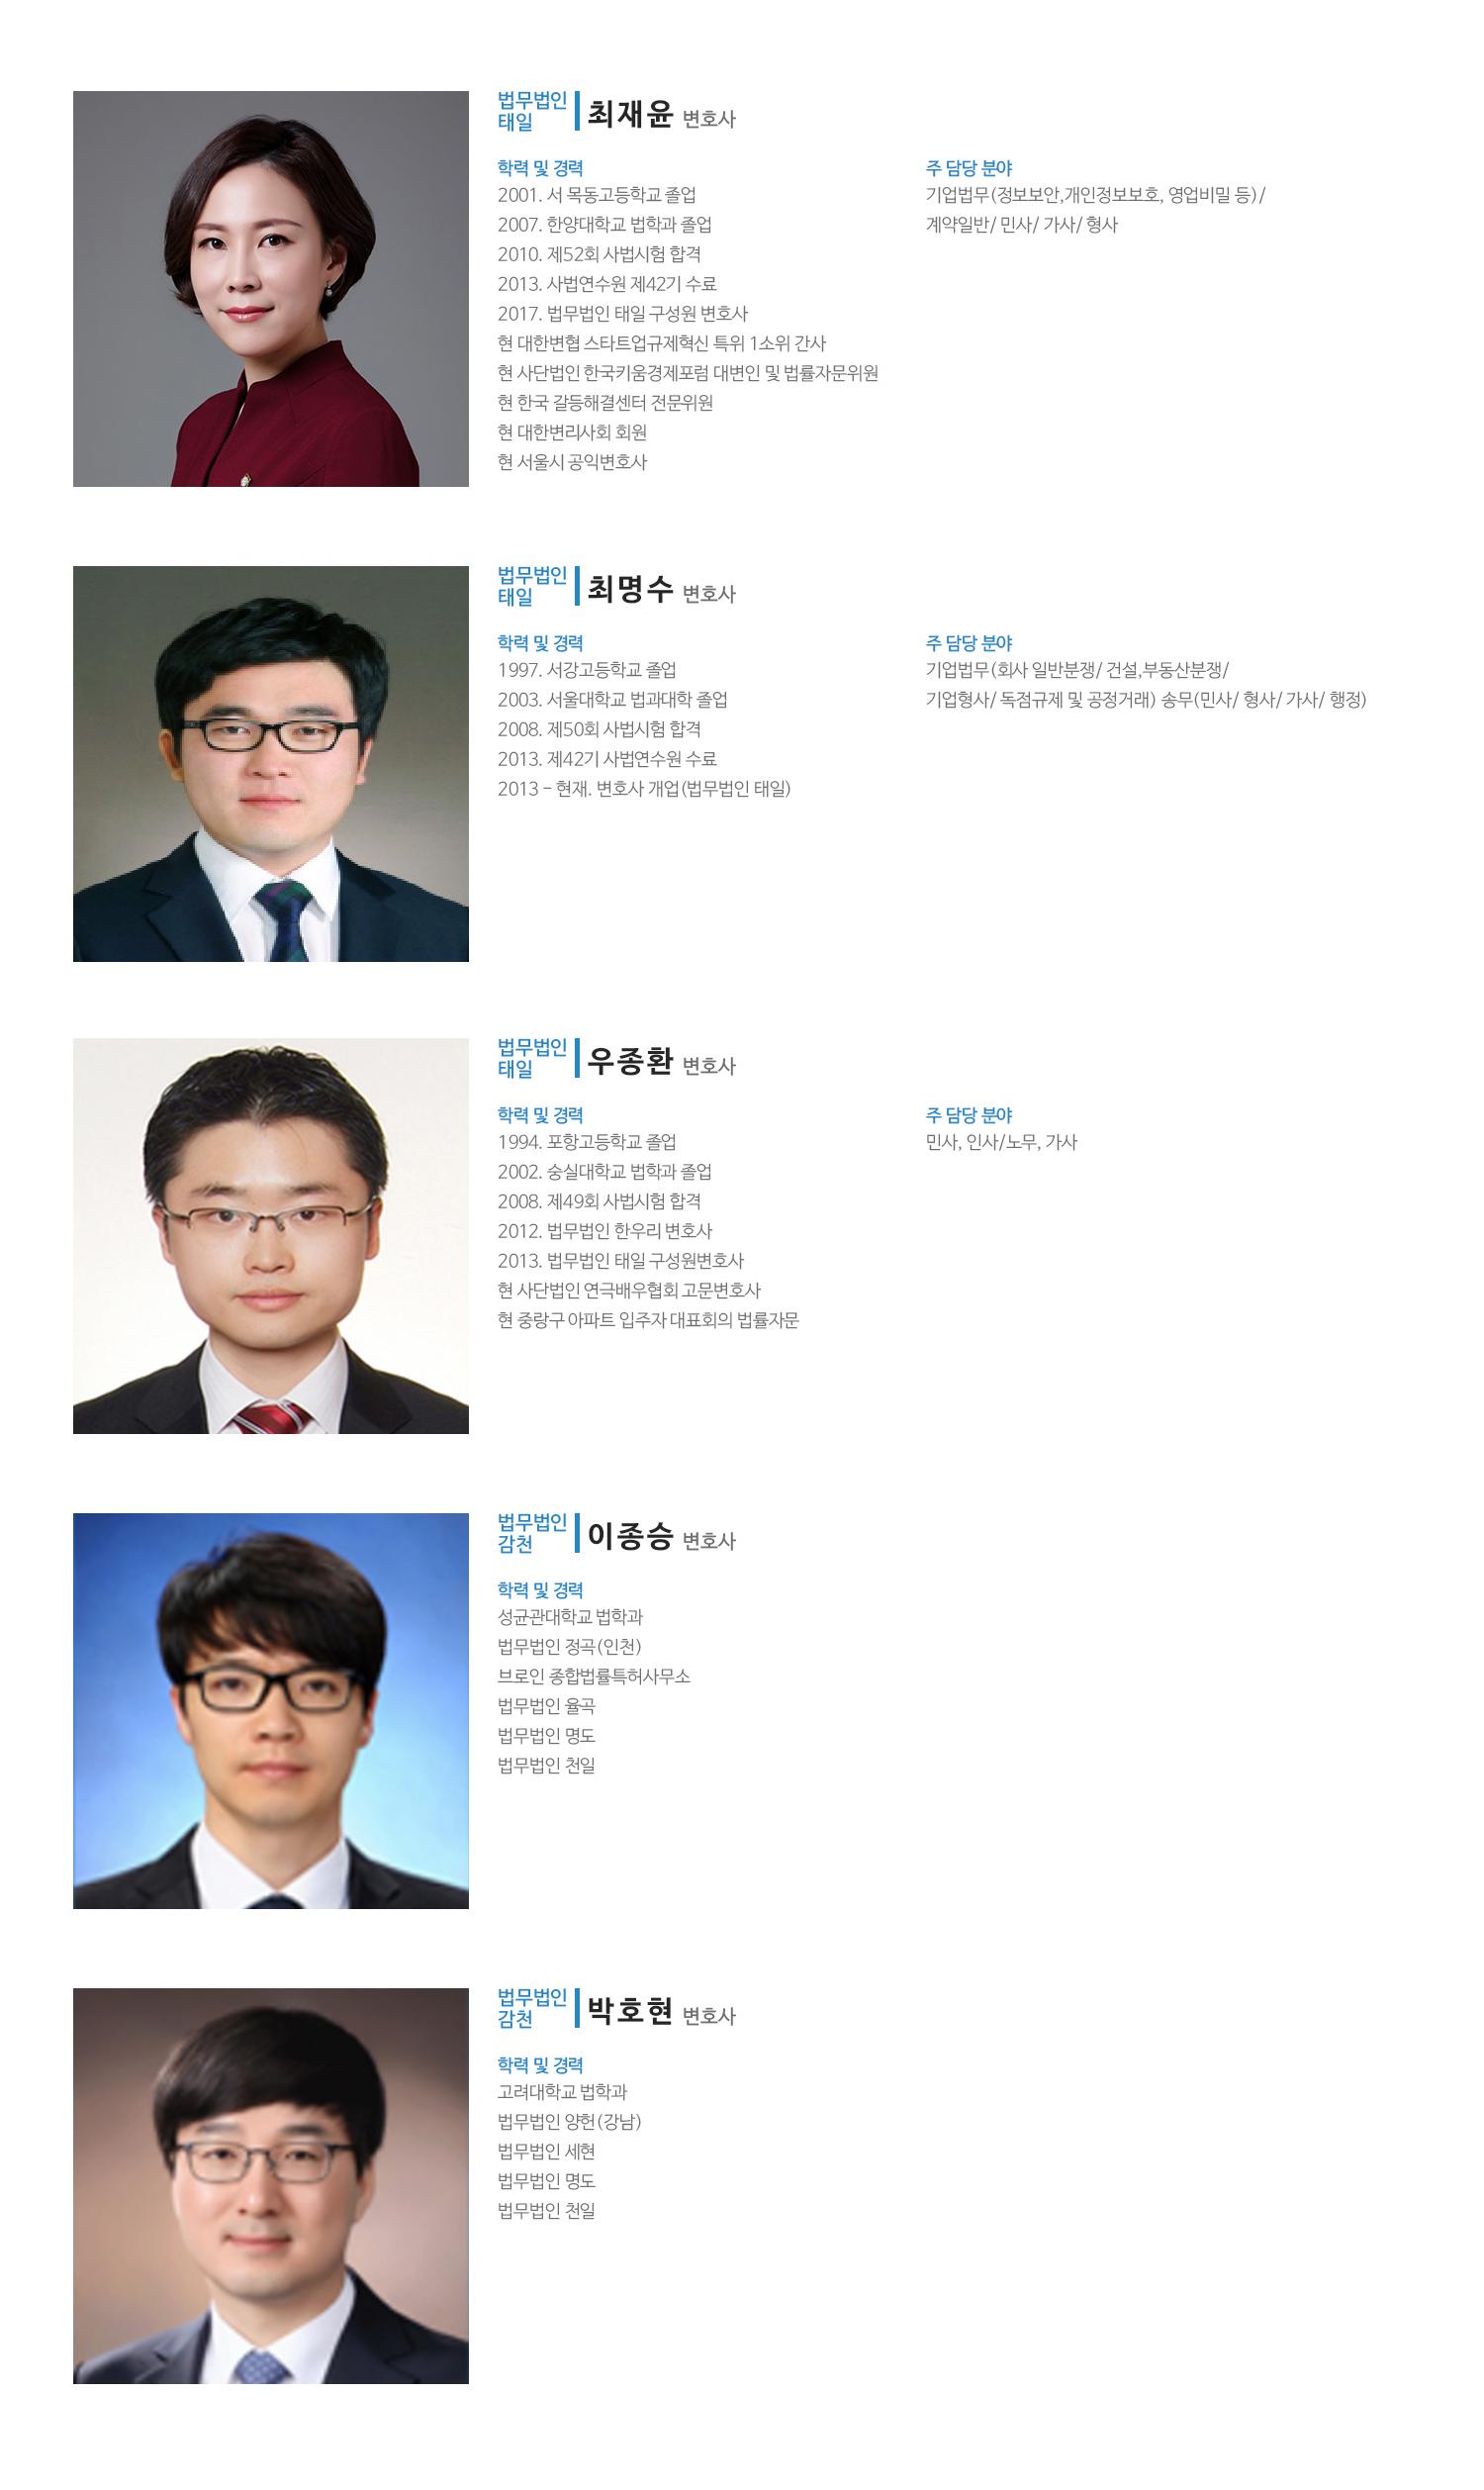 최윤영 변호사